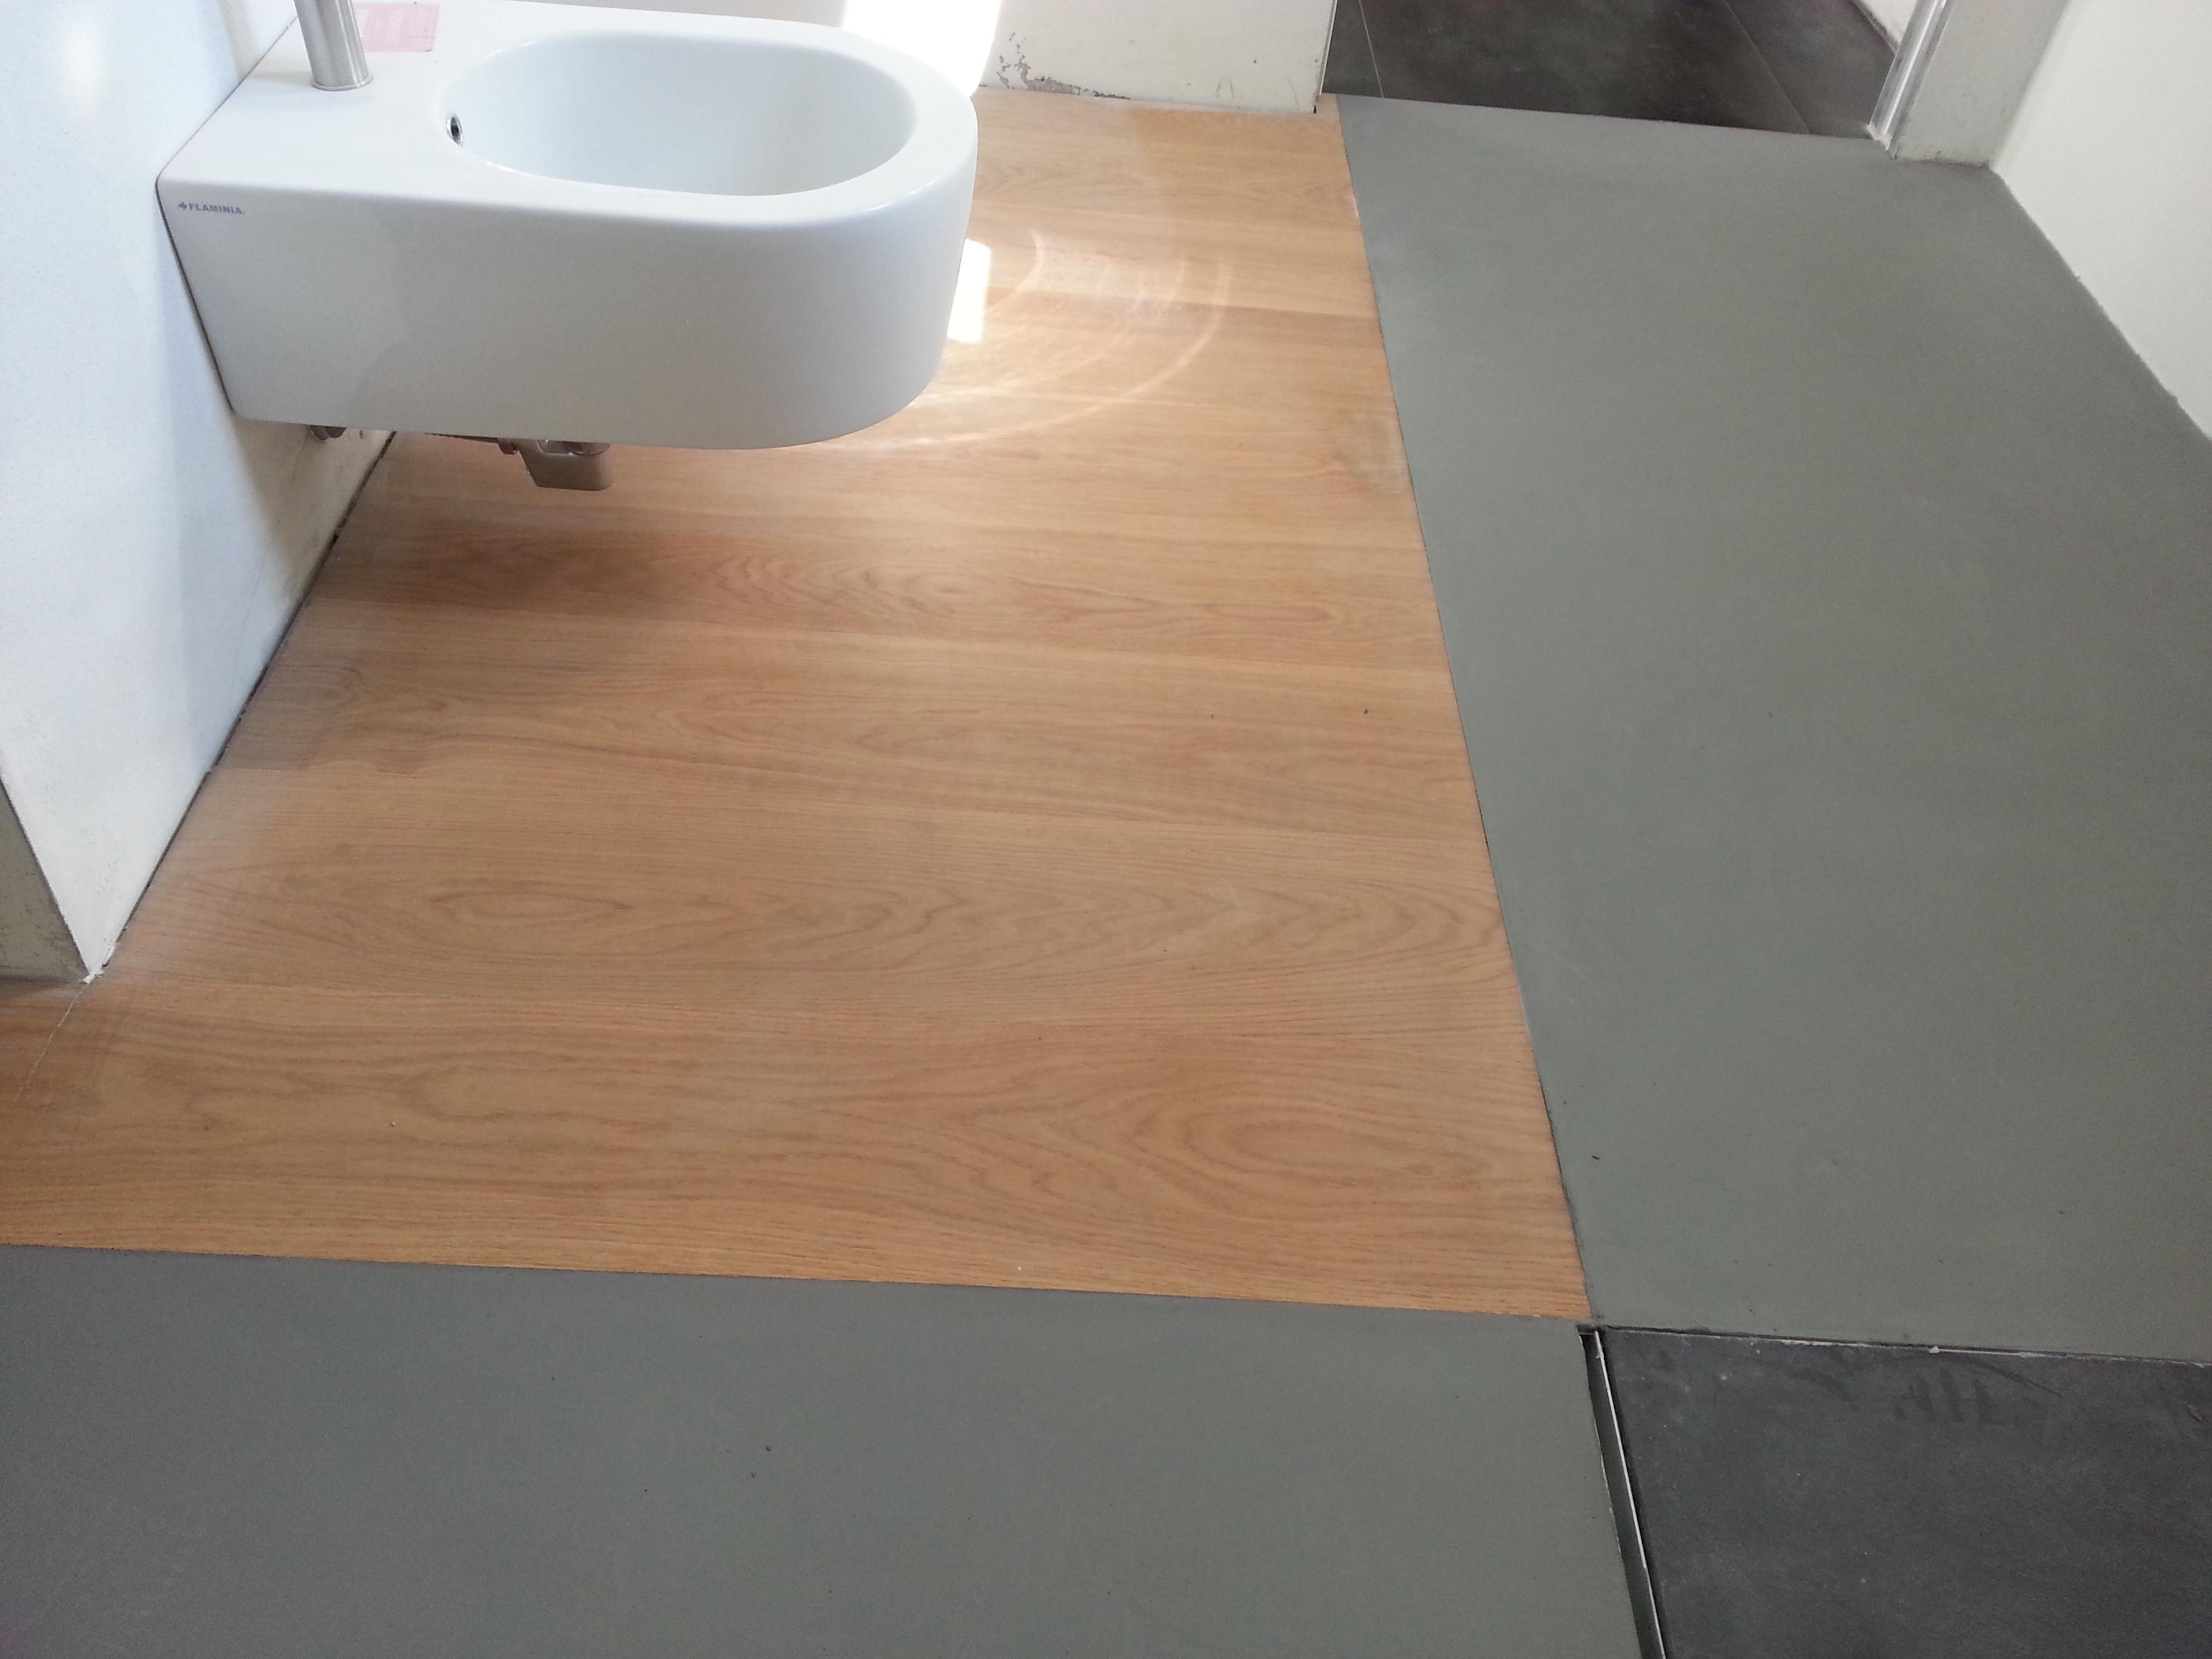 pavimento idee Microcemento : Bagno In Microcemento : vantaggi del microcemento per pavimenti ...